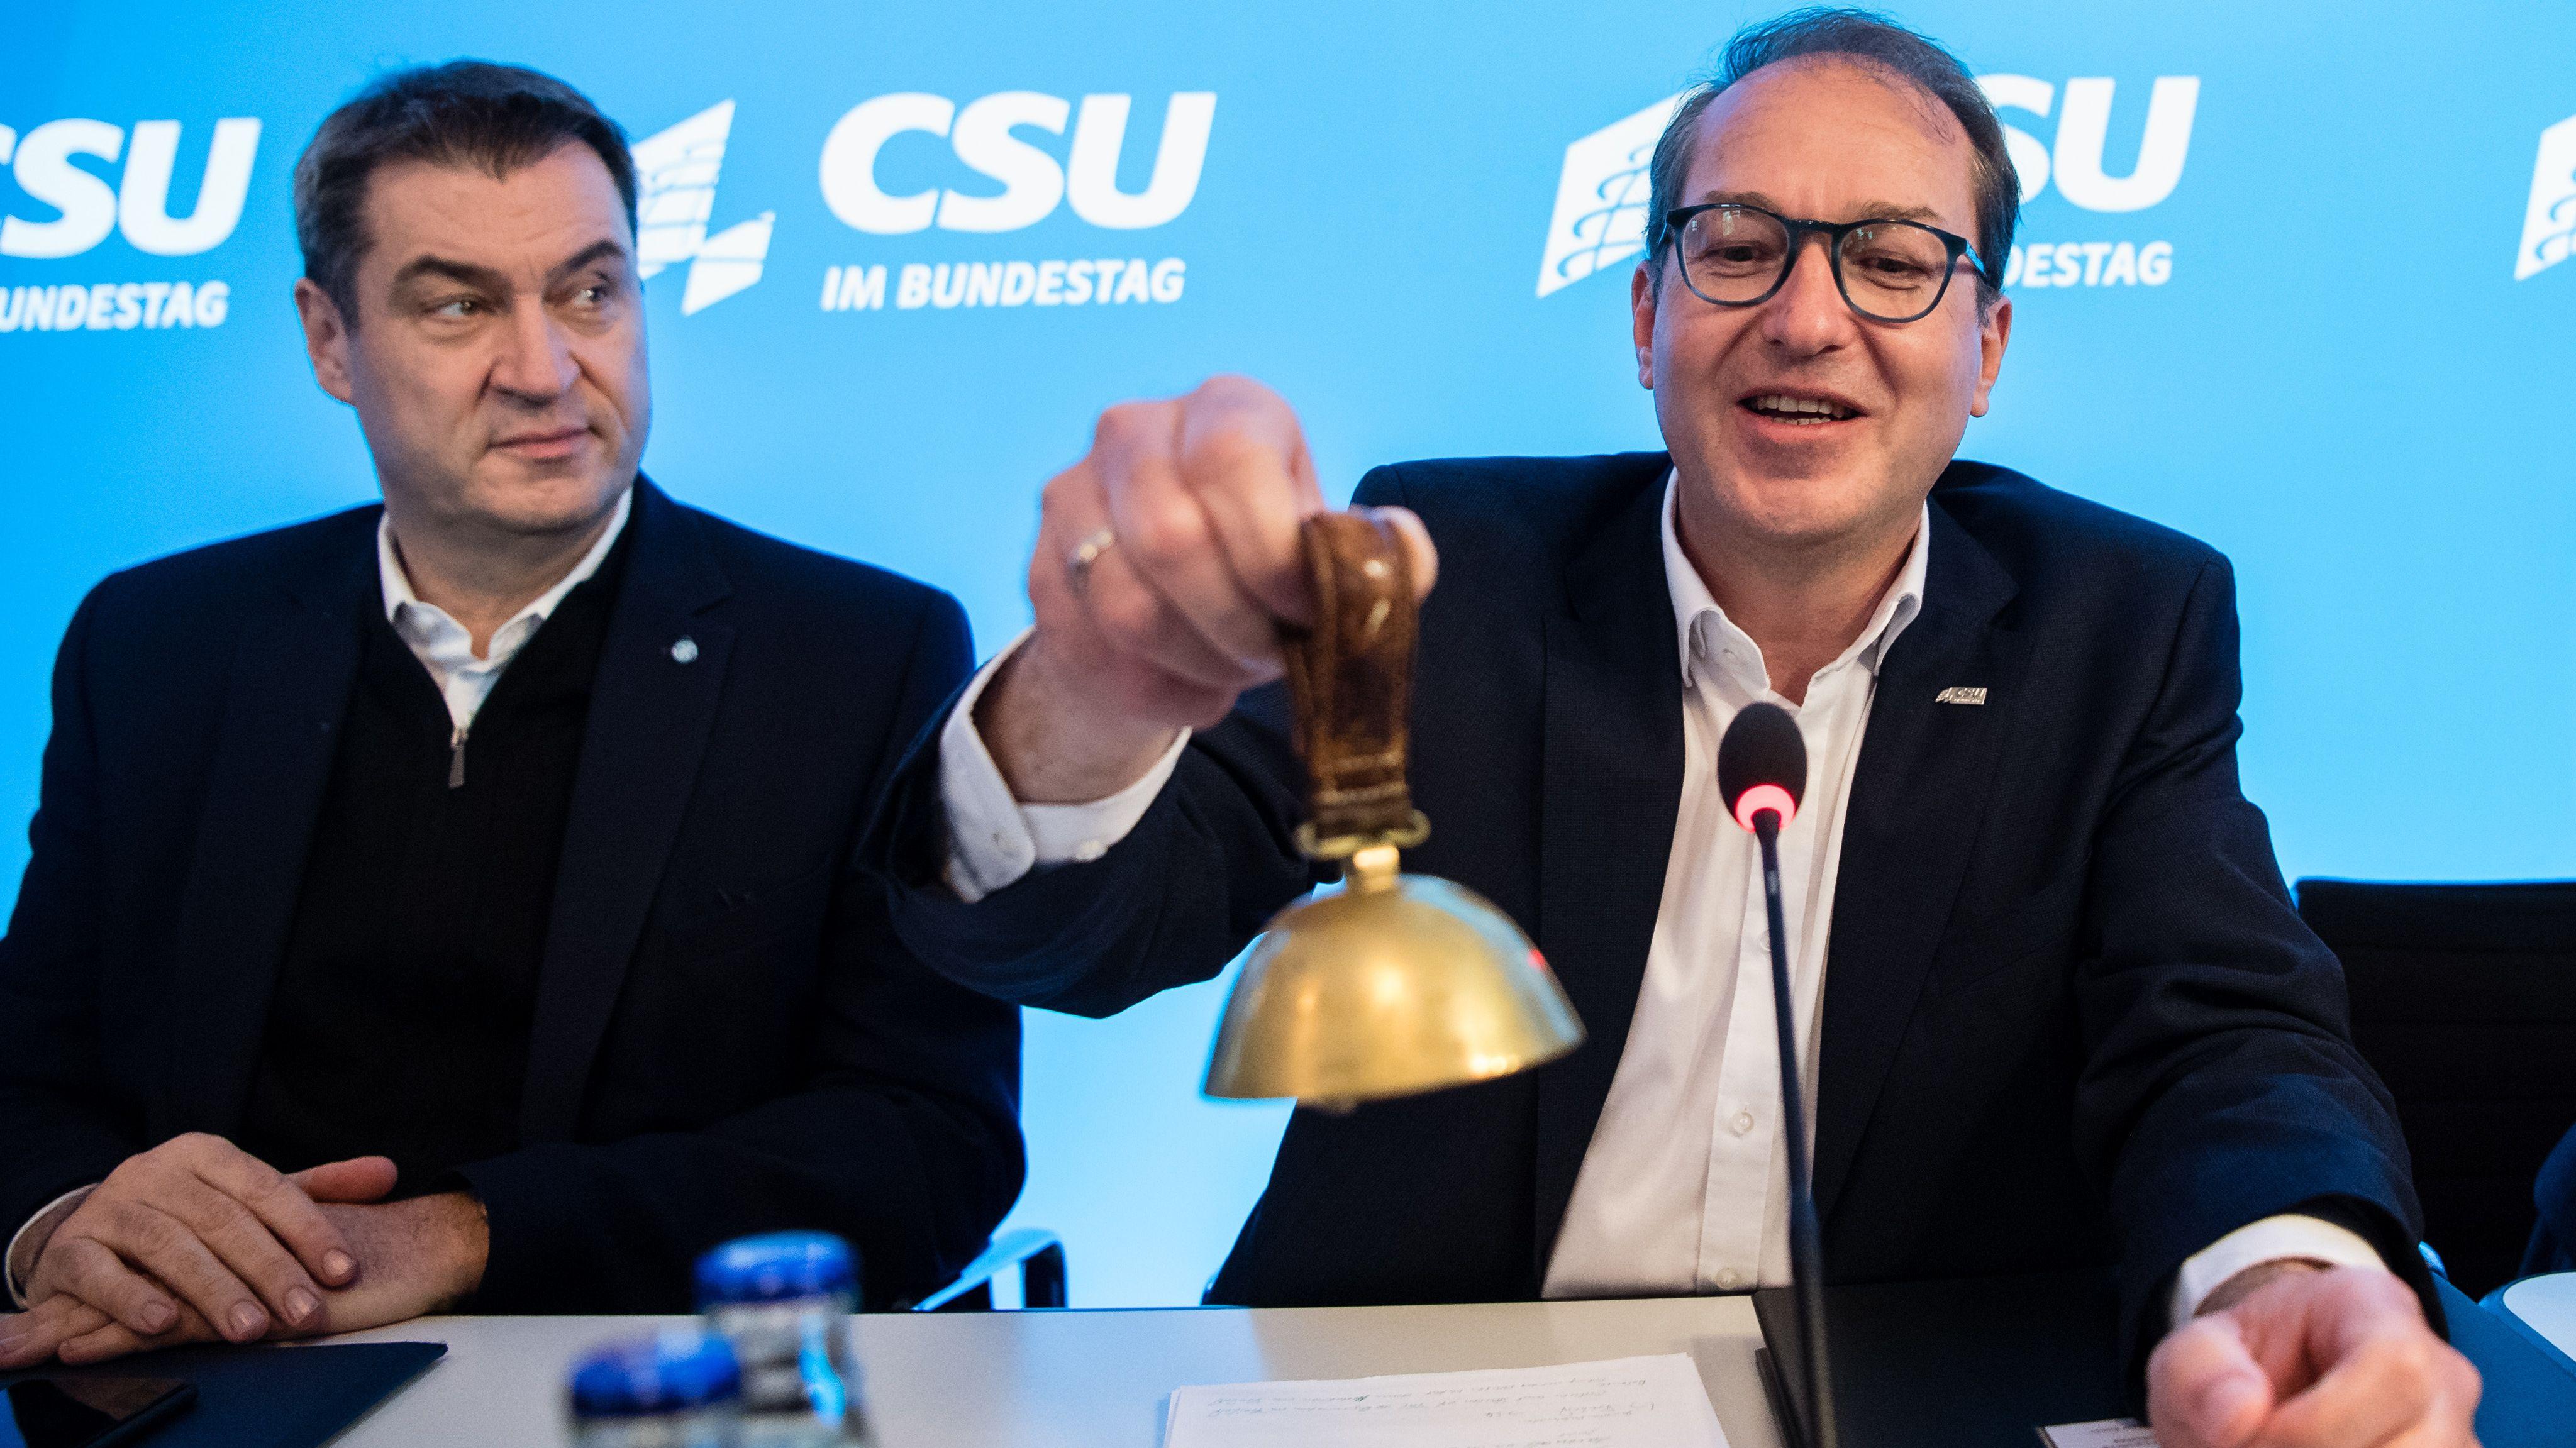 Alexander Dobrindt, CSU-Landesgruppenchef (r), läutet zum Auftakt der Winterklausur der CSU-Landesgruppe im Bundestag im Tagungsraum vom Kloster Seeon neben Markus Söder (CSU), Parteivorsitzender und Ministerpräsident von Bayern, die Glocke.